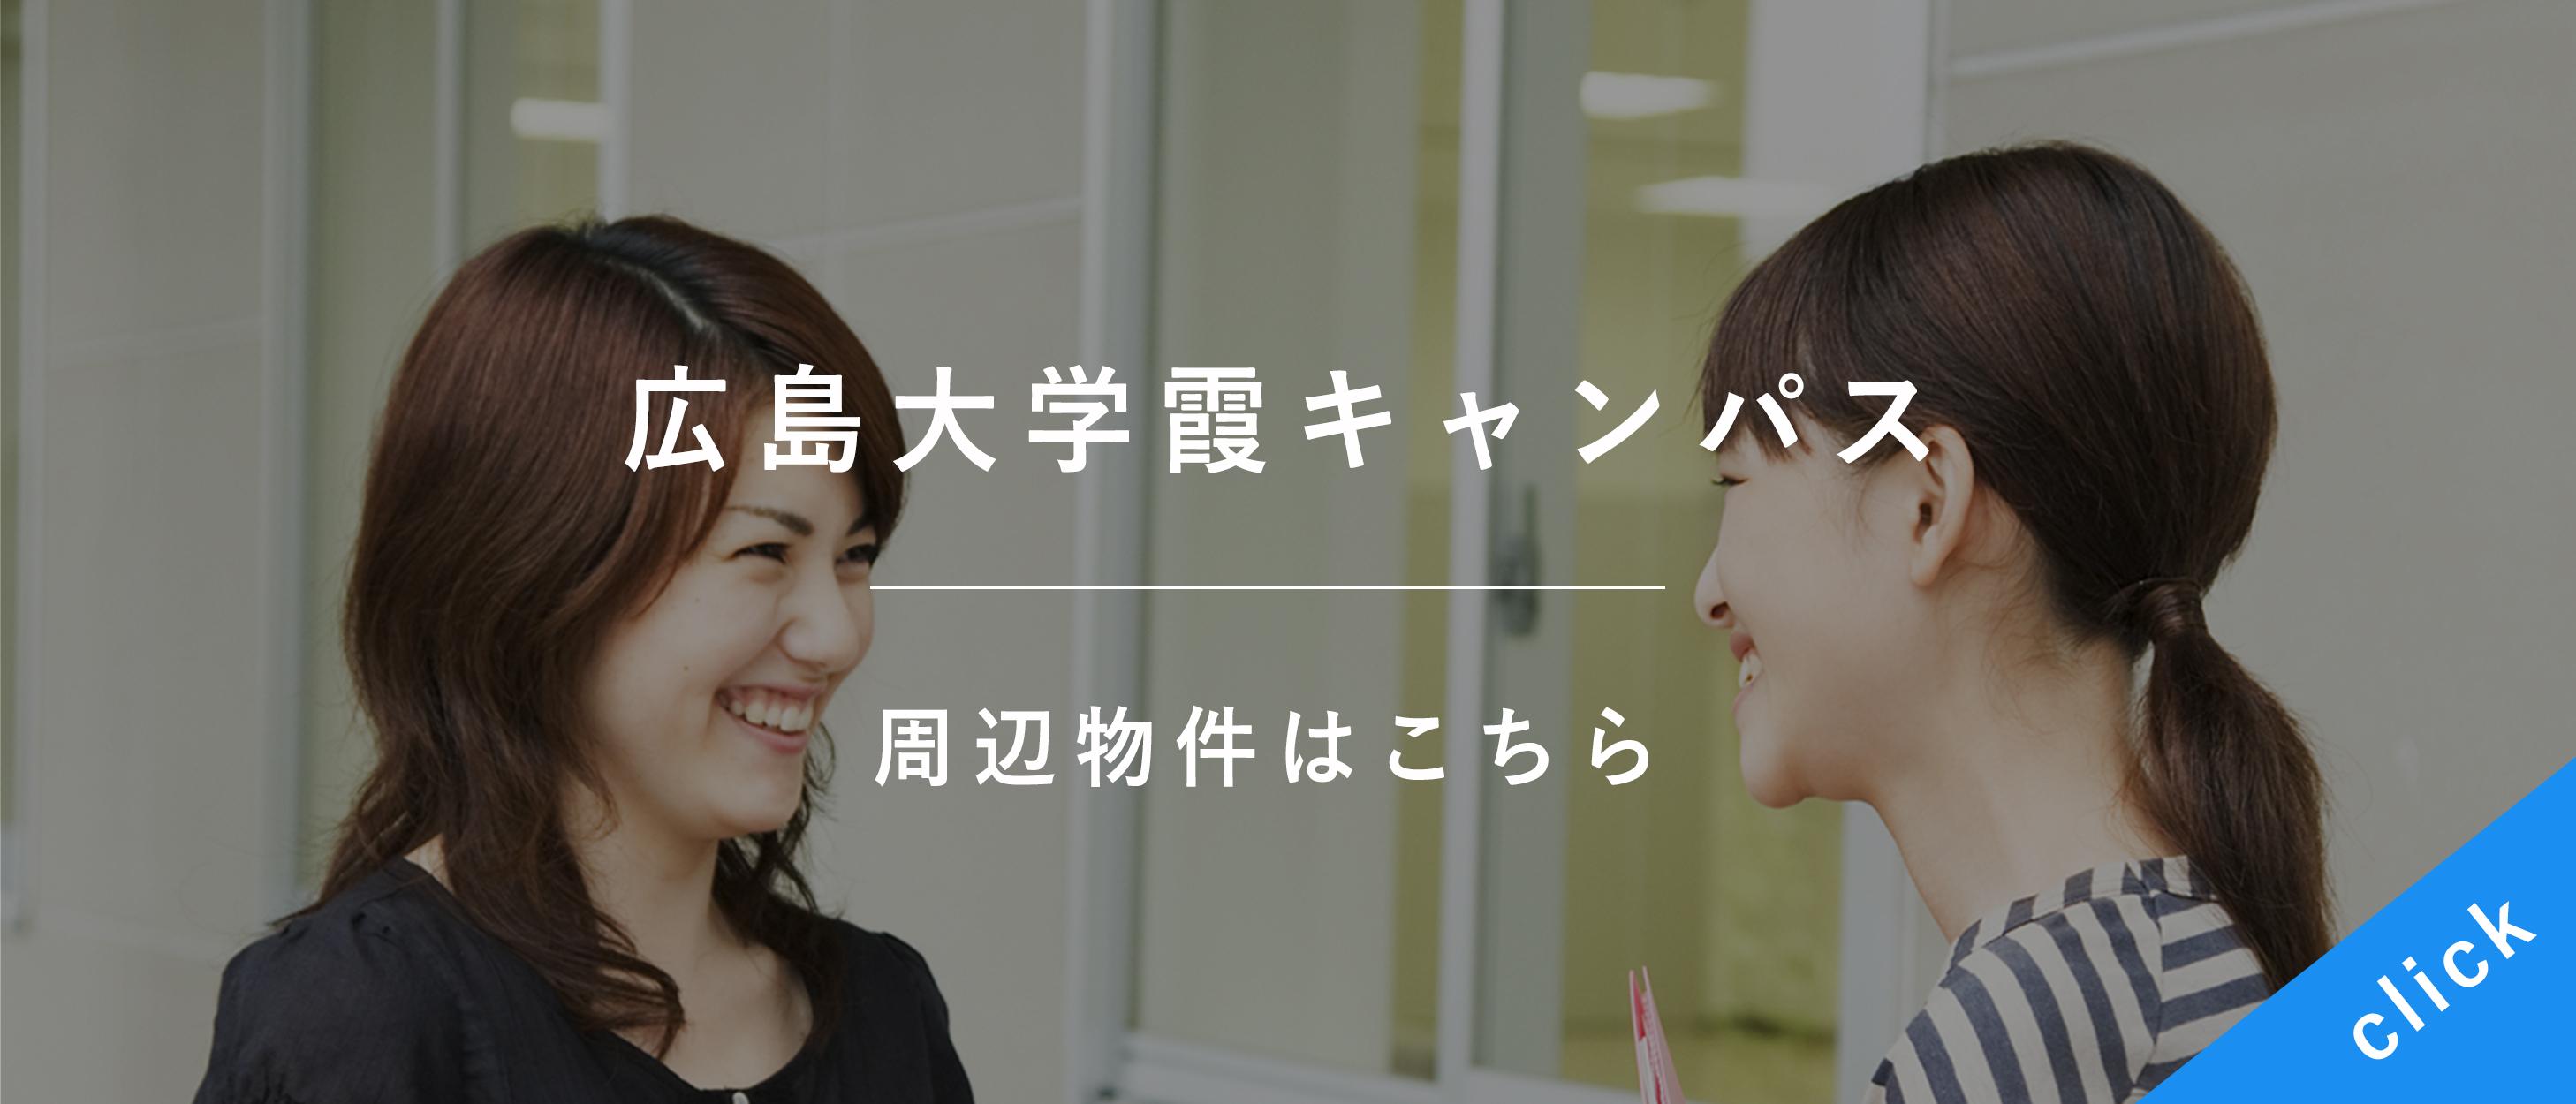 広島大学霞キャンパスの周辺物件はこちら